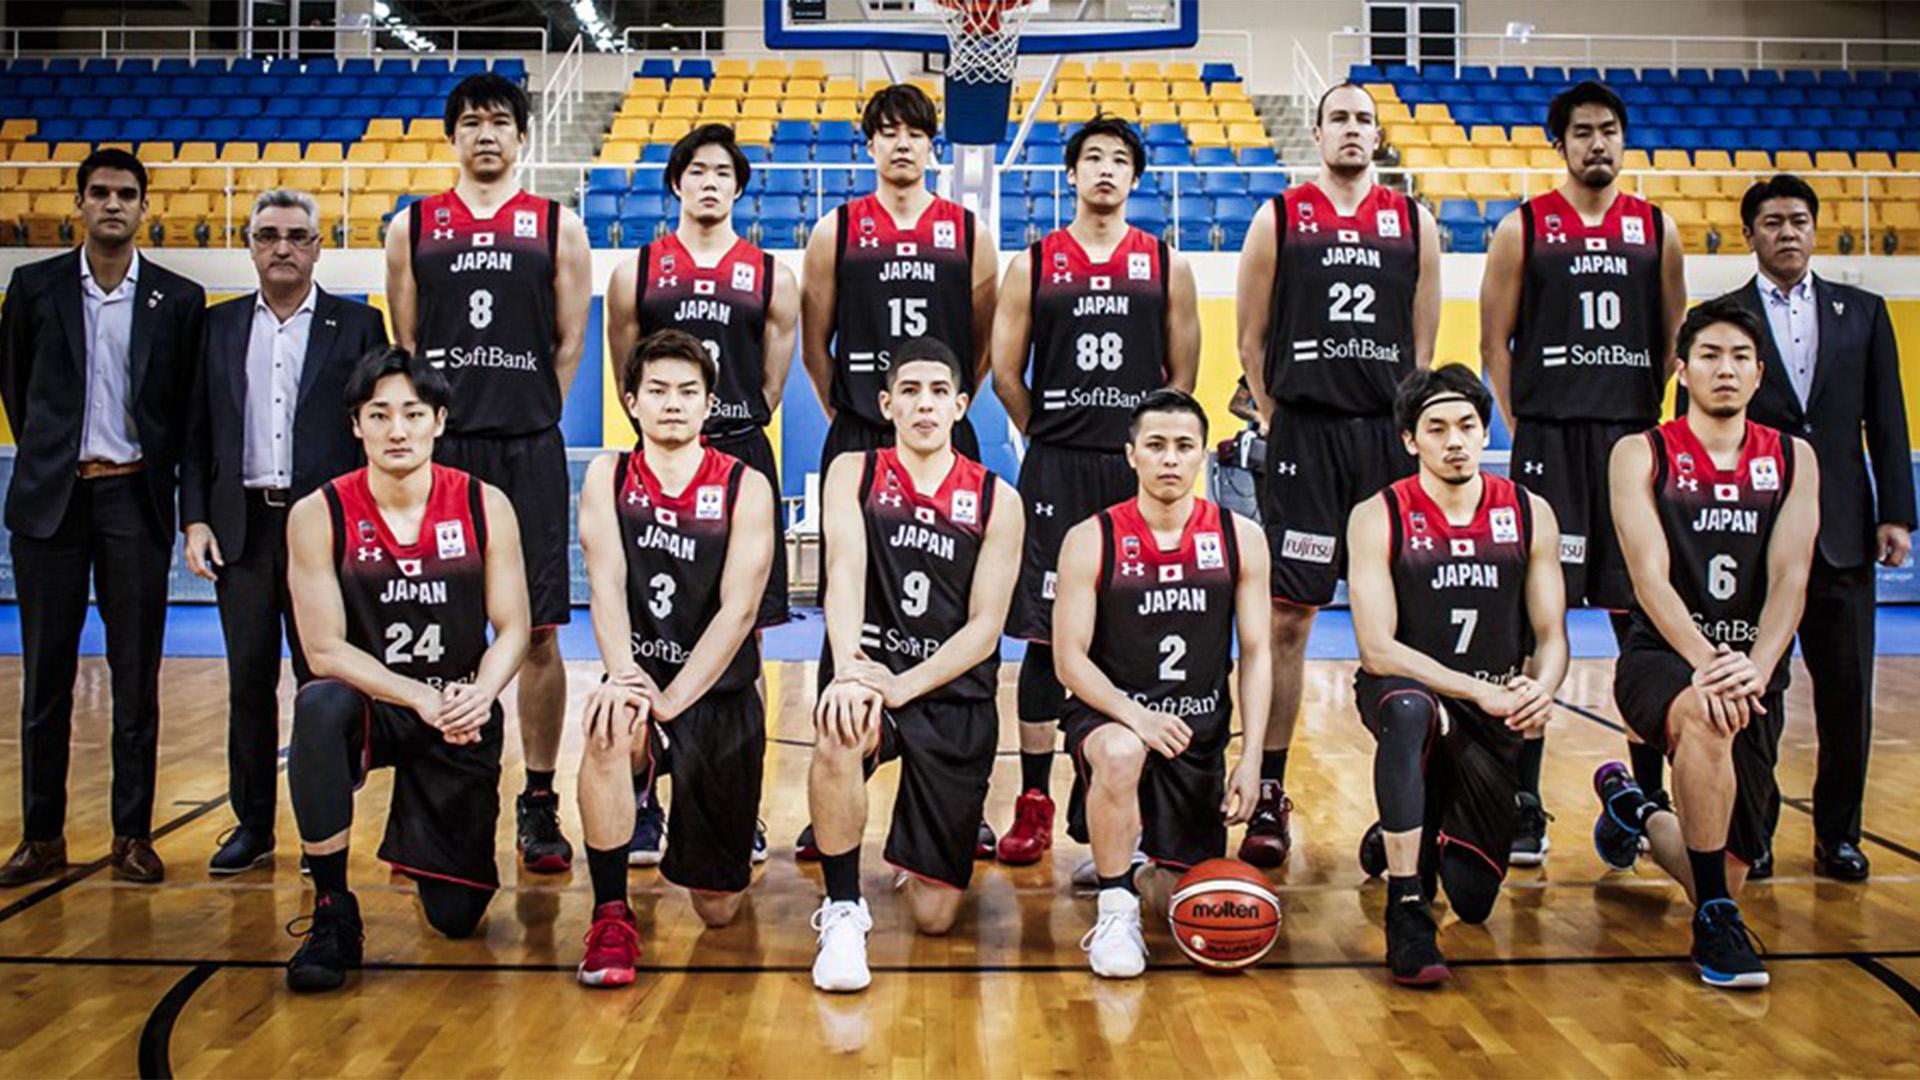 La selección japonesa de básquet se clasificó a un mundial después de 21 años (Foto: FIBA)